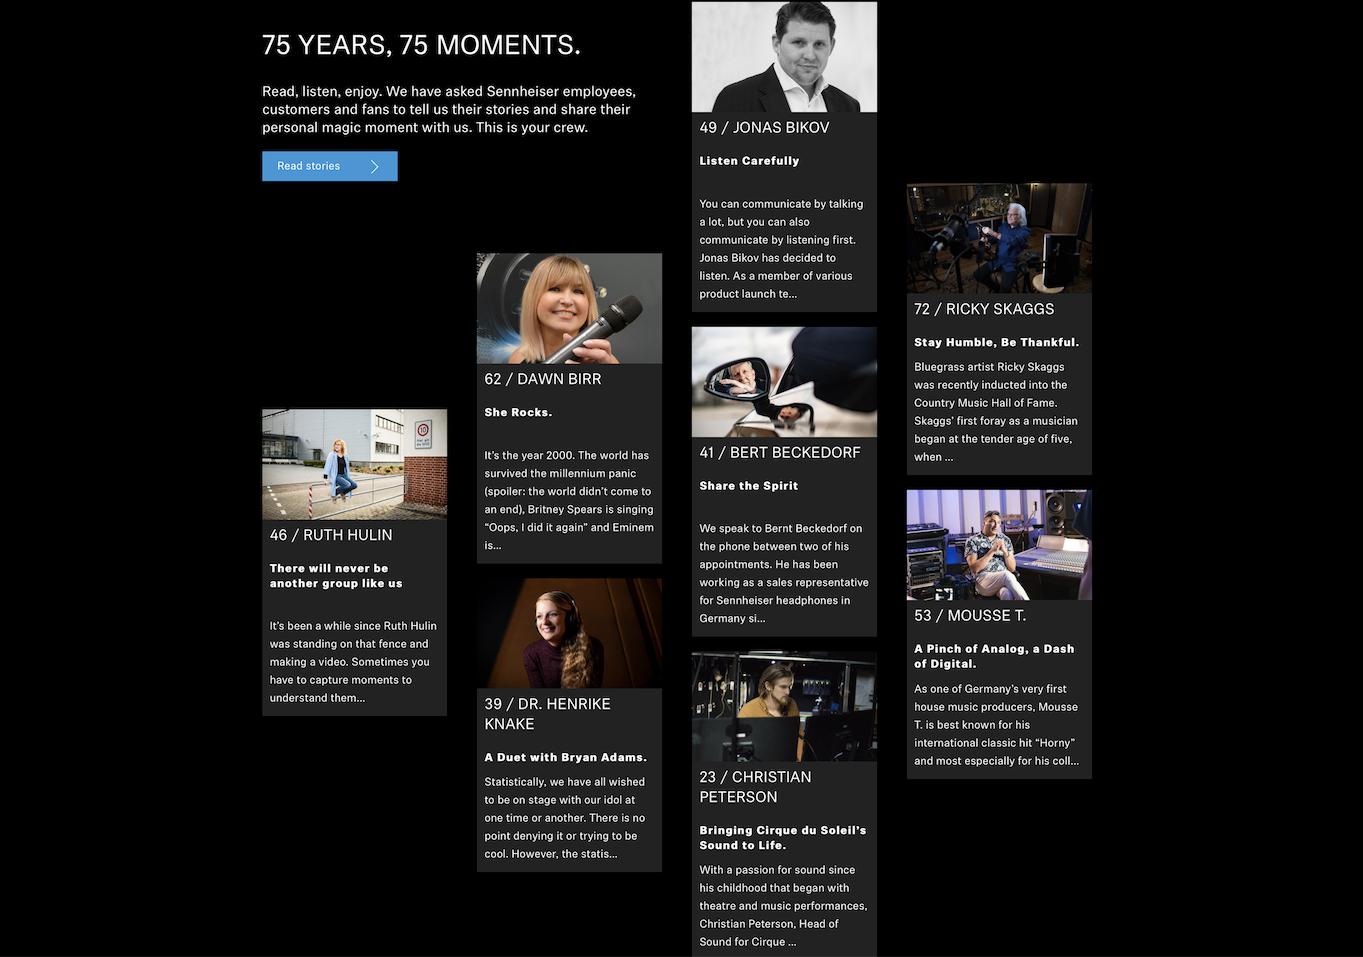 75 Sennheiser-Momente